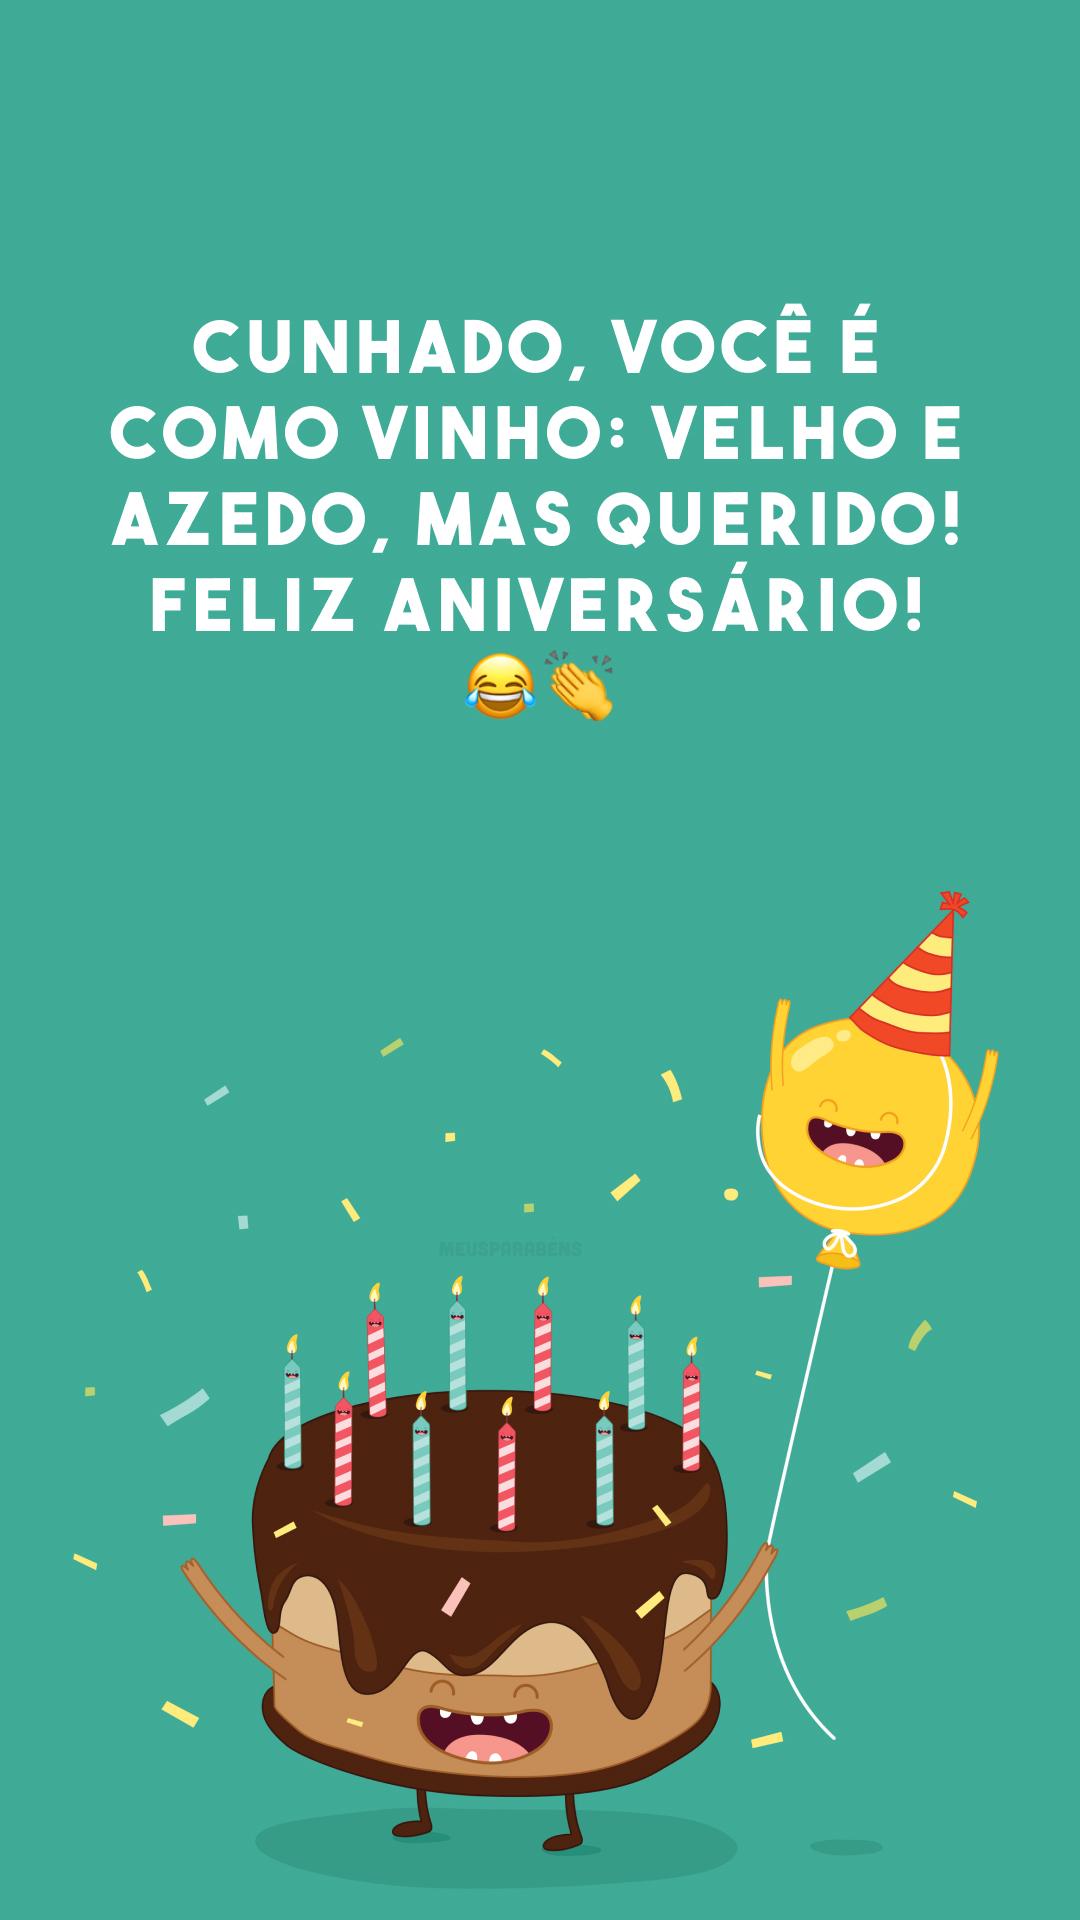 Cunhado, você é como vinho: velho e azedo, mas querido! Feliz aniversário! 😂👏